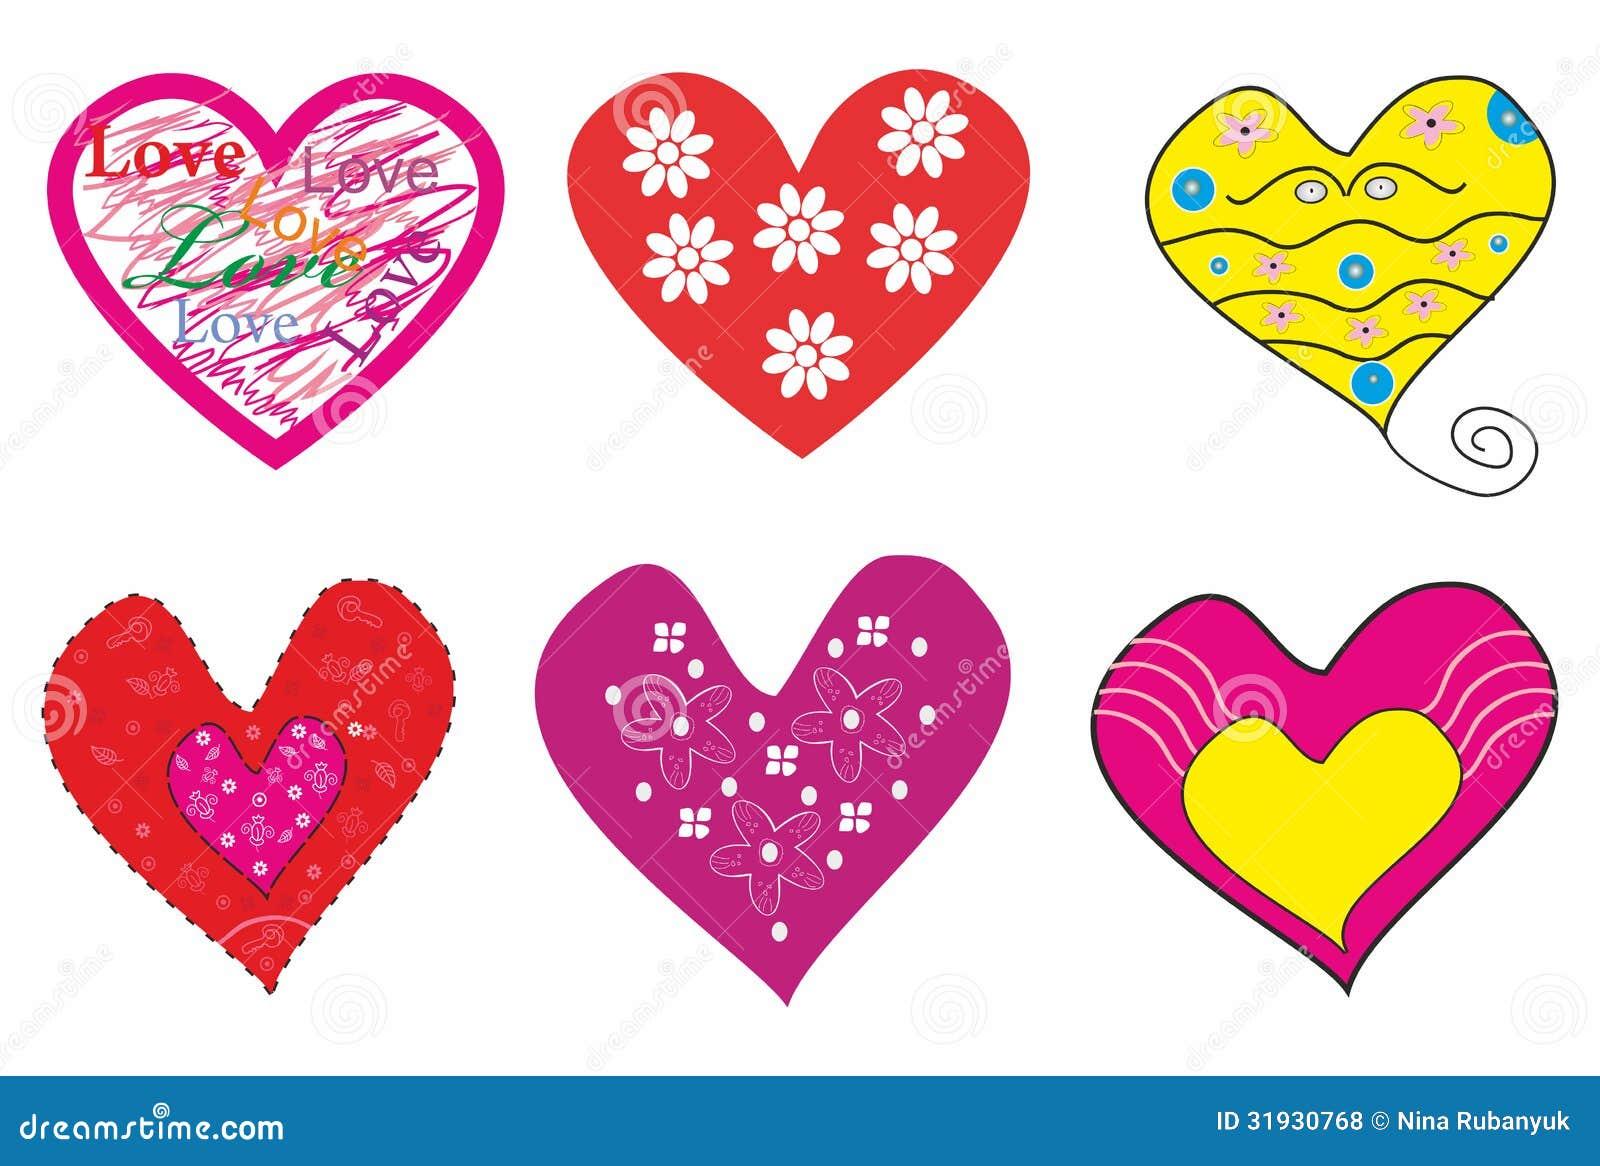 sistema-hermoso-de-corazones-romnticos-31930768.jpg